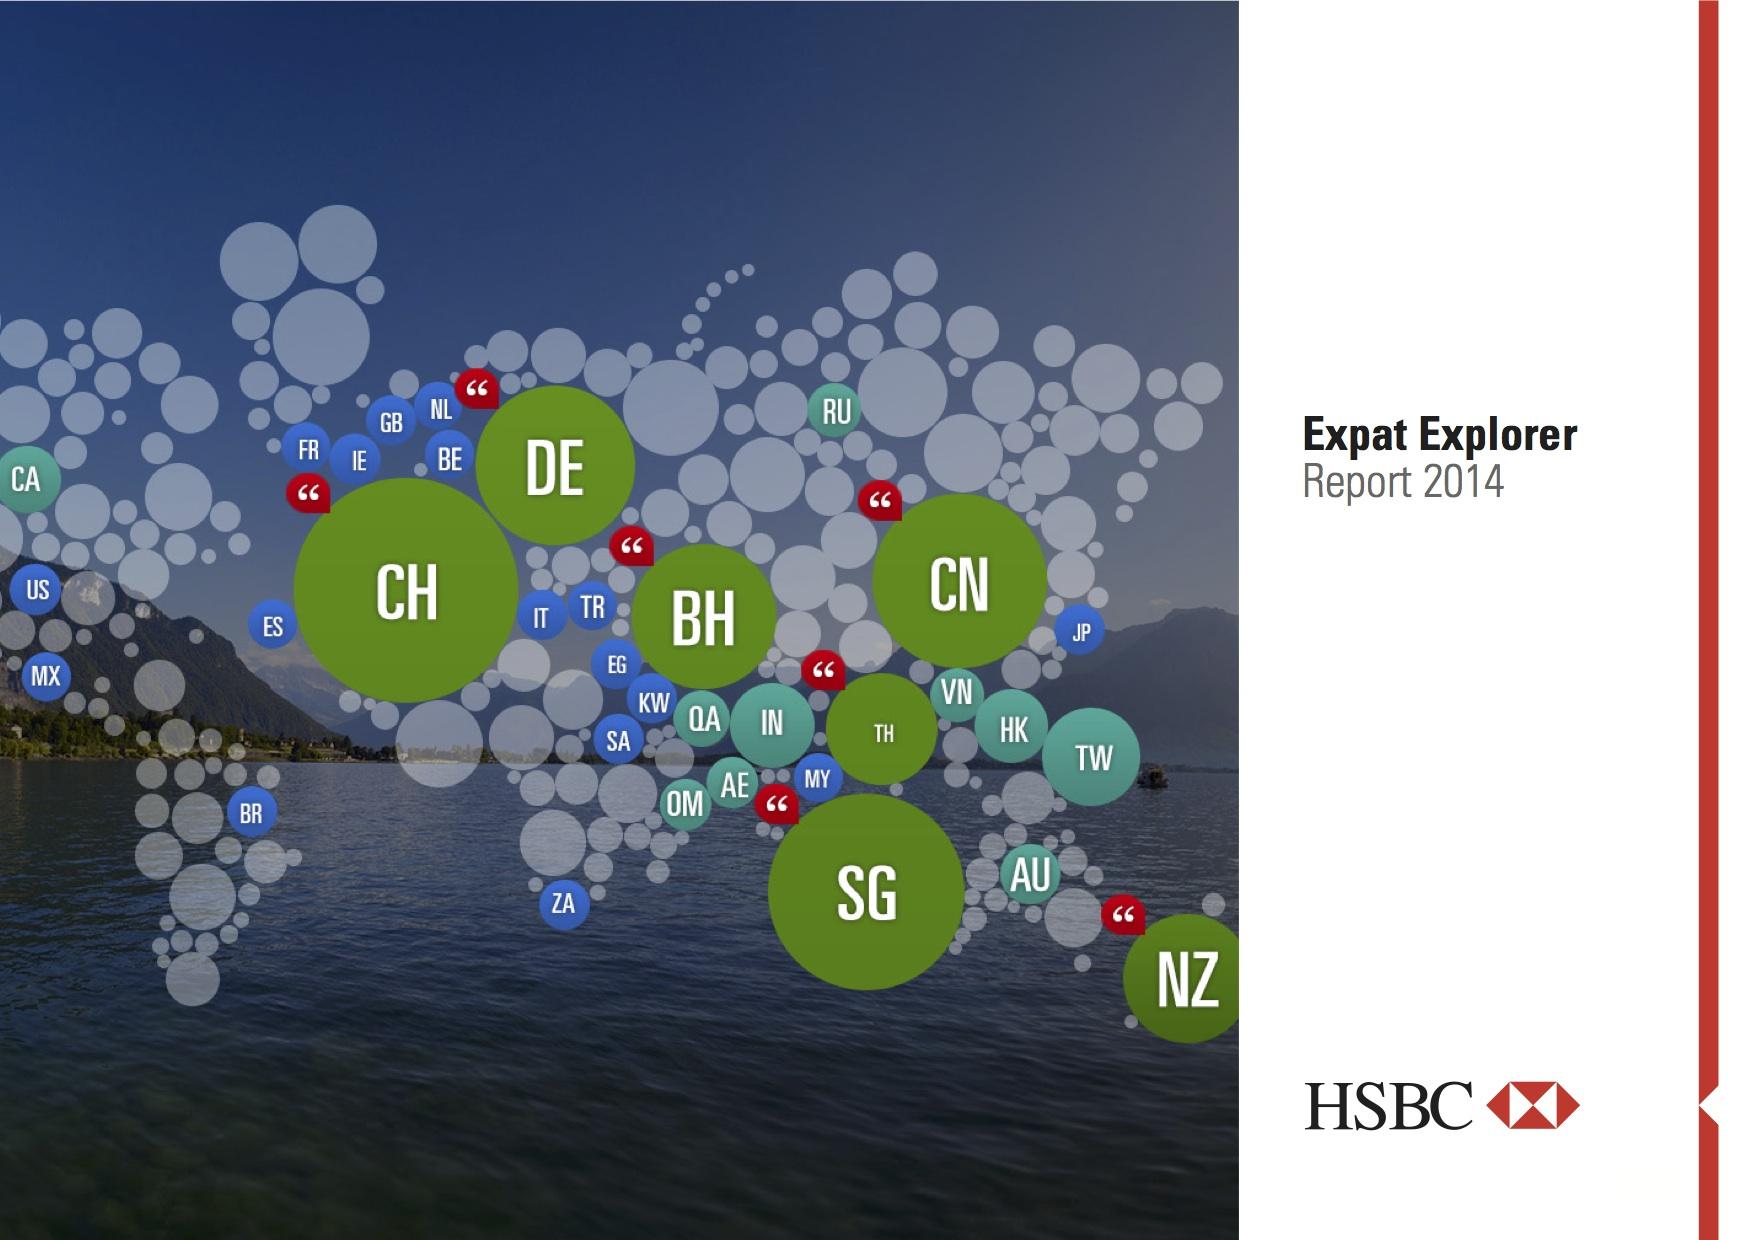 HSBC_Expat_Explorer_2014_report